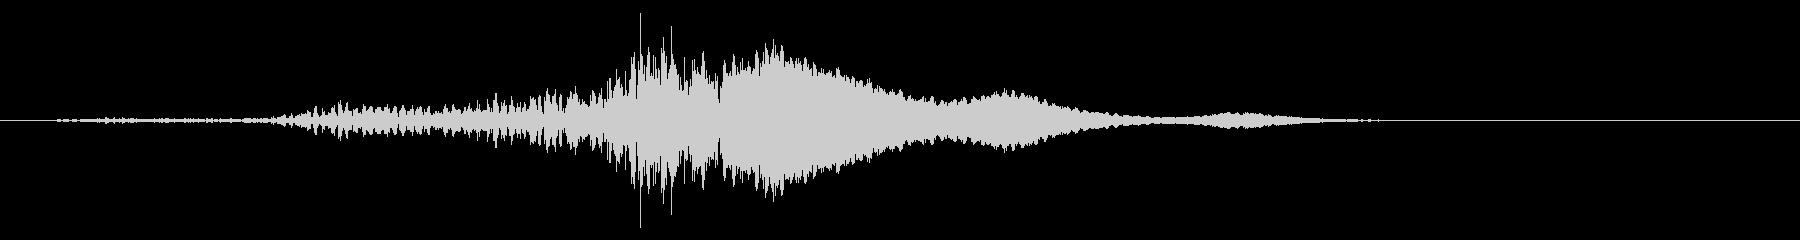 低フィードバックインパクト移行まで...の未再生の波形